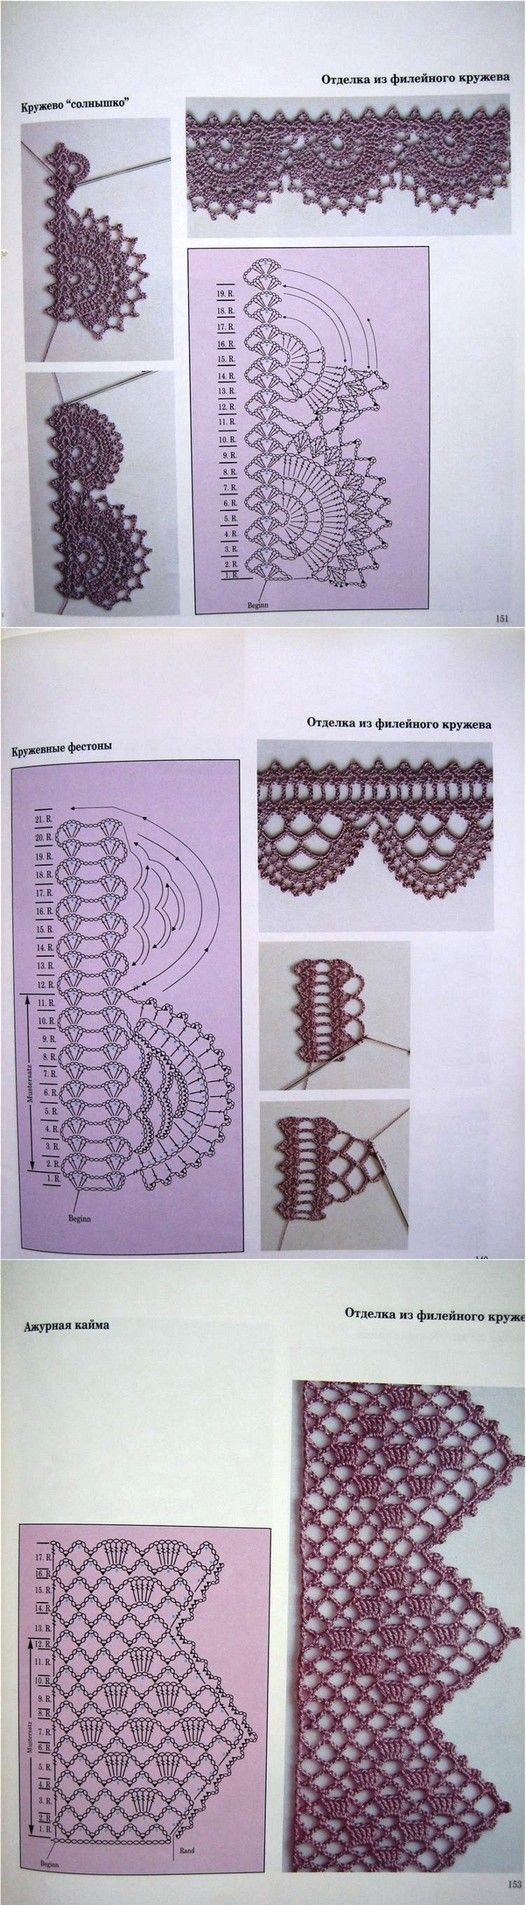 really nice crochet edgings...not as hard as it looks as it's done sideways  Puntillas de ganchillo: